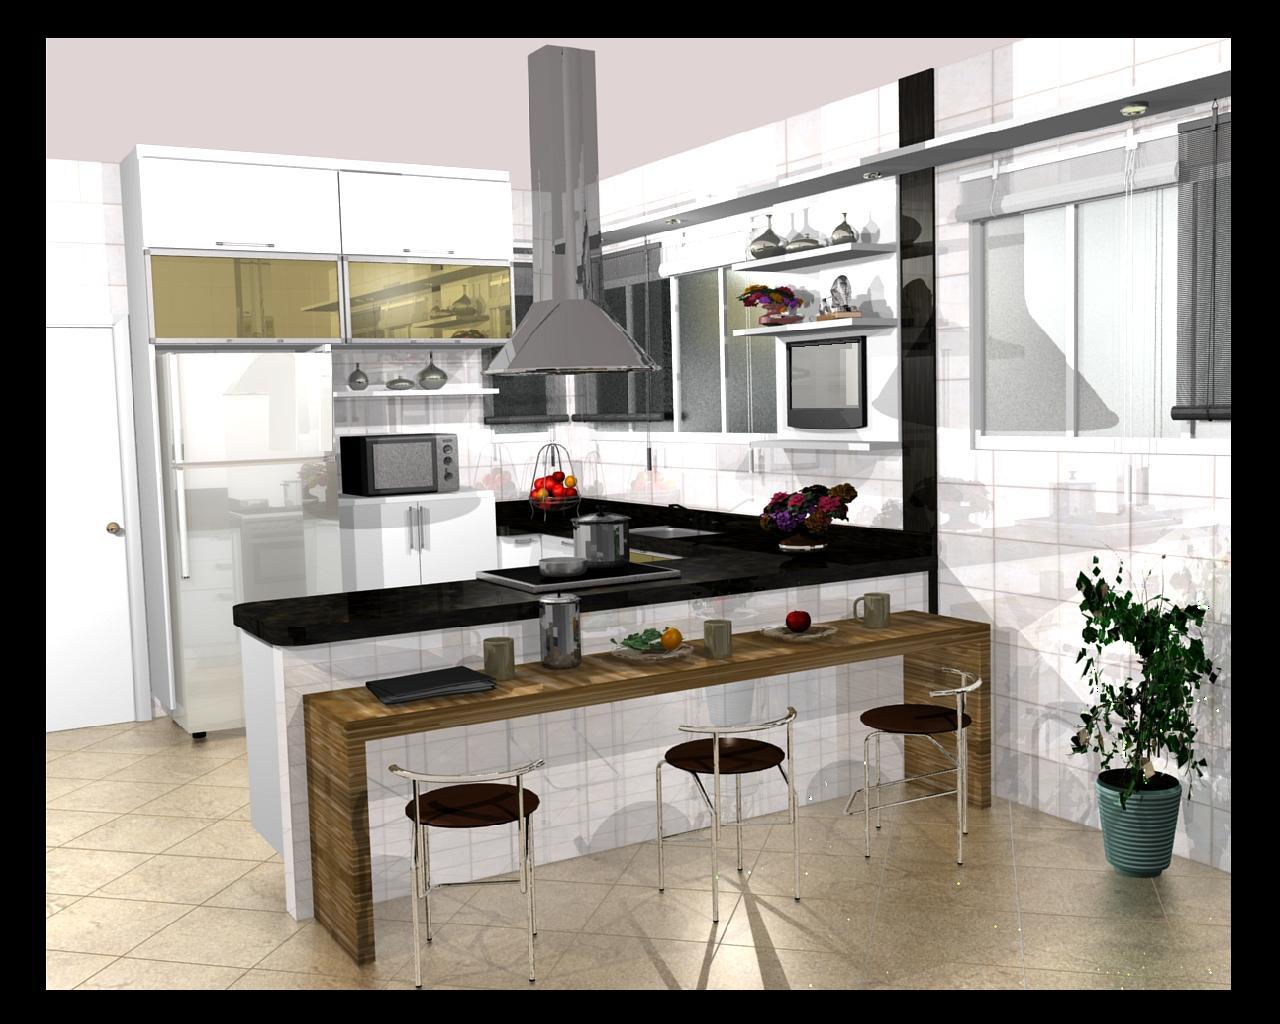 11) 98477 3234: cozinhas planejadas cozinhas simples pequenas modernas  #61492D 1280 1024